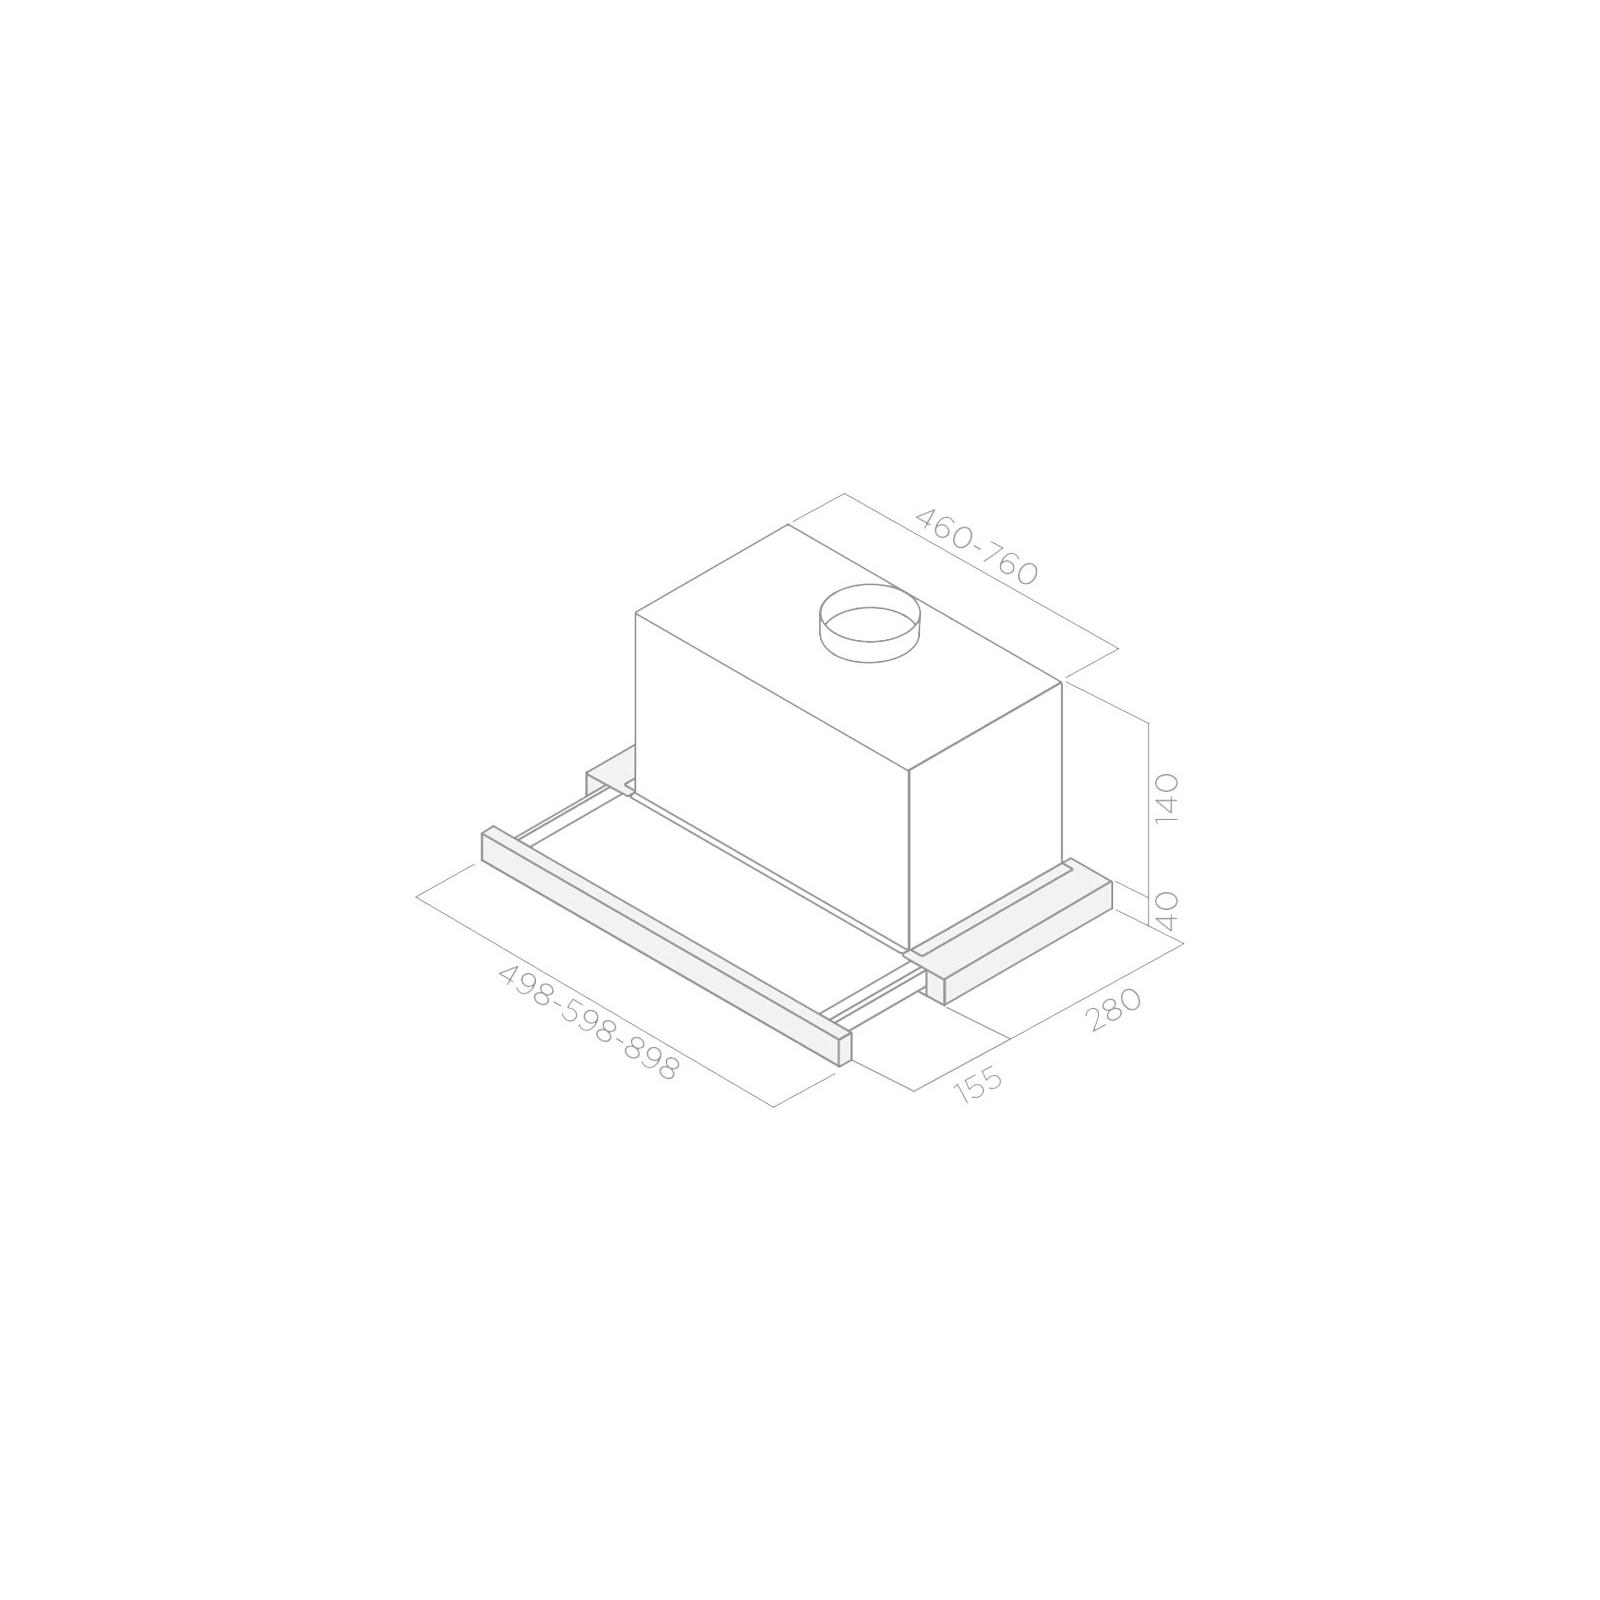 Вытяжка кухонная Elica ELITE 14 LUX GRVT/A/60 изображение 2